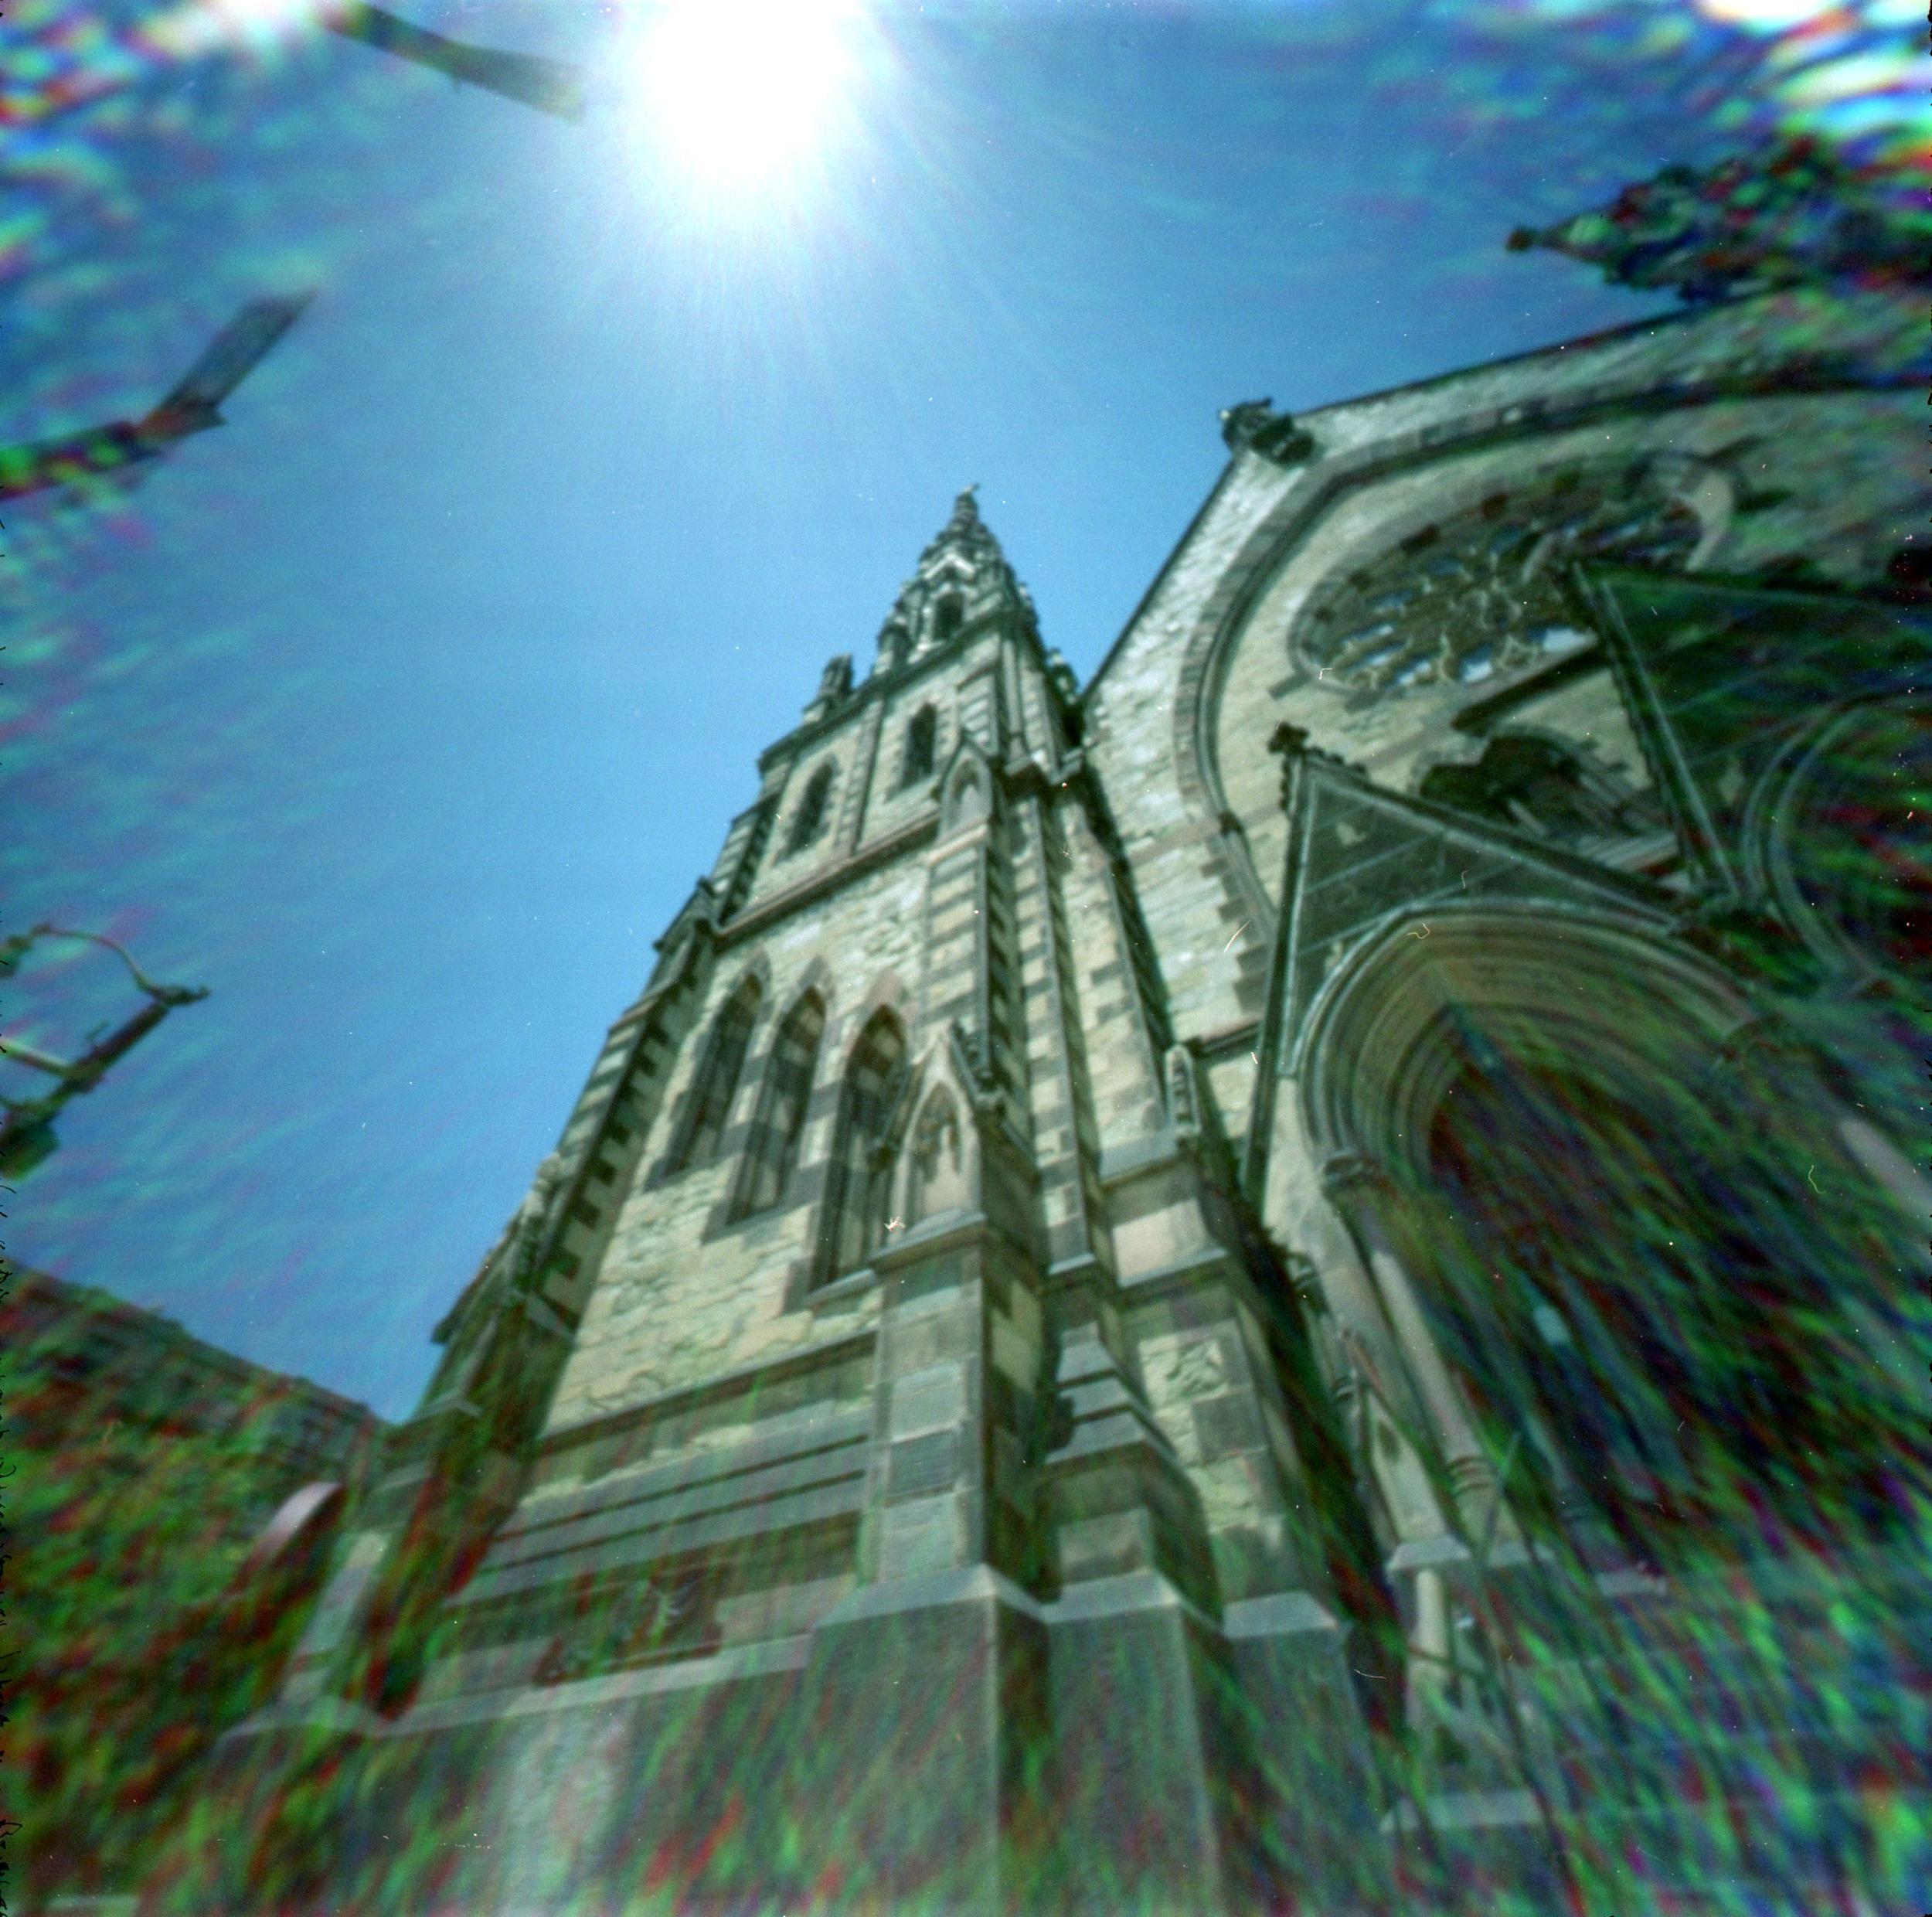 umc_church_sunglare.jpg